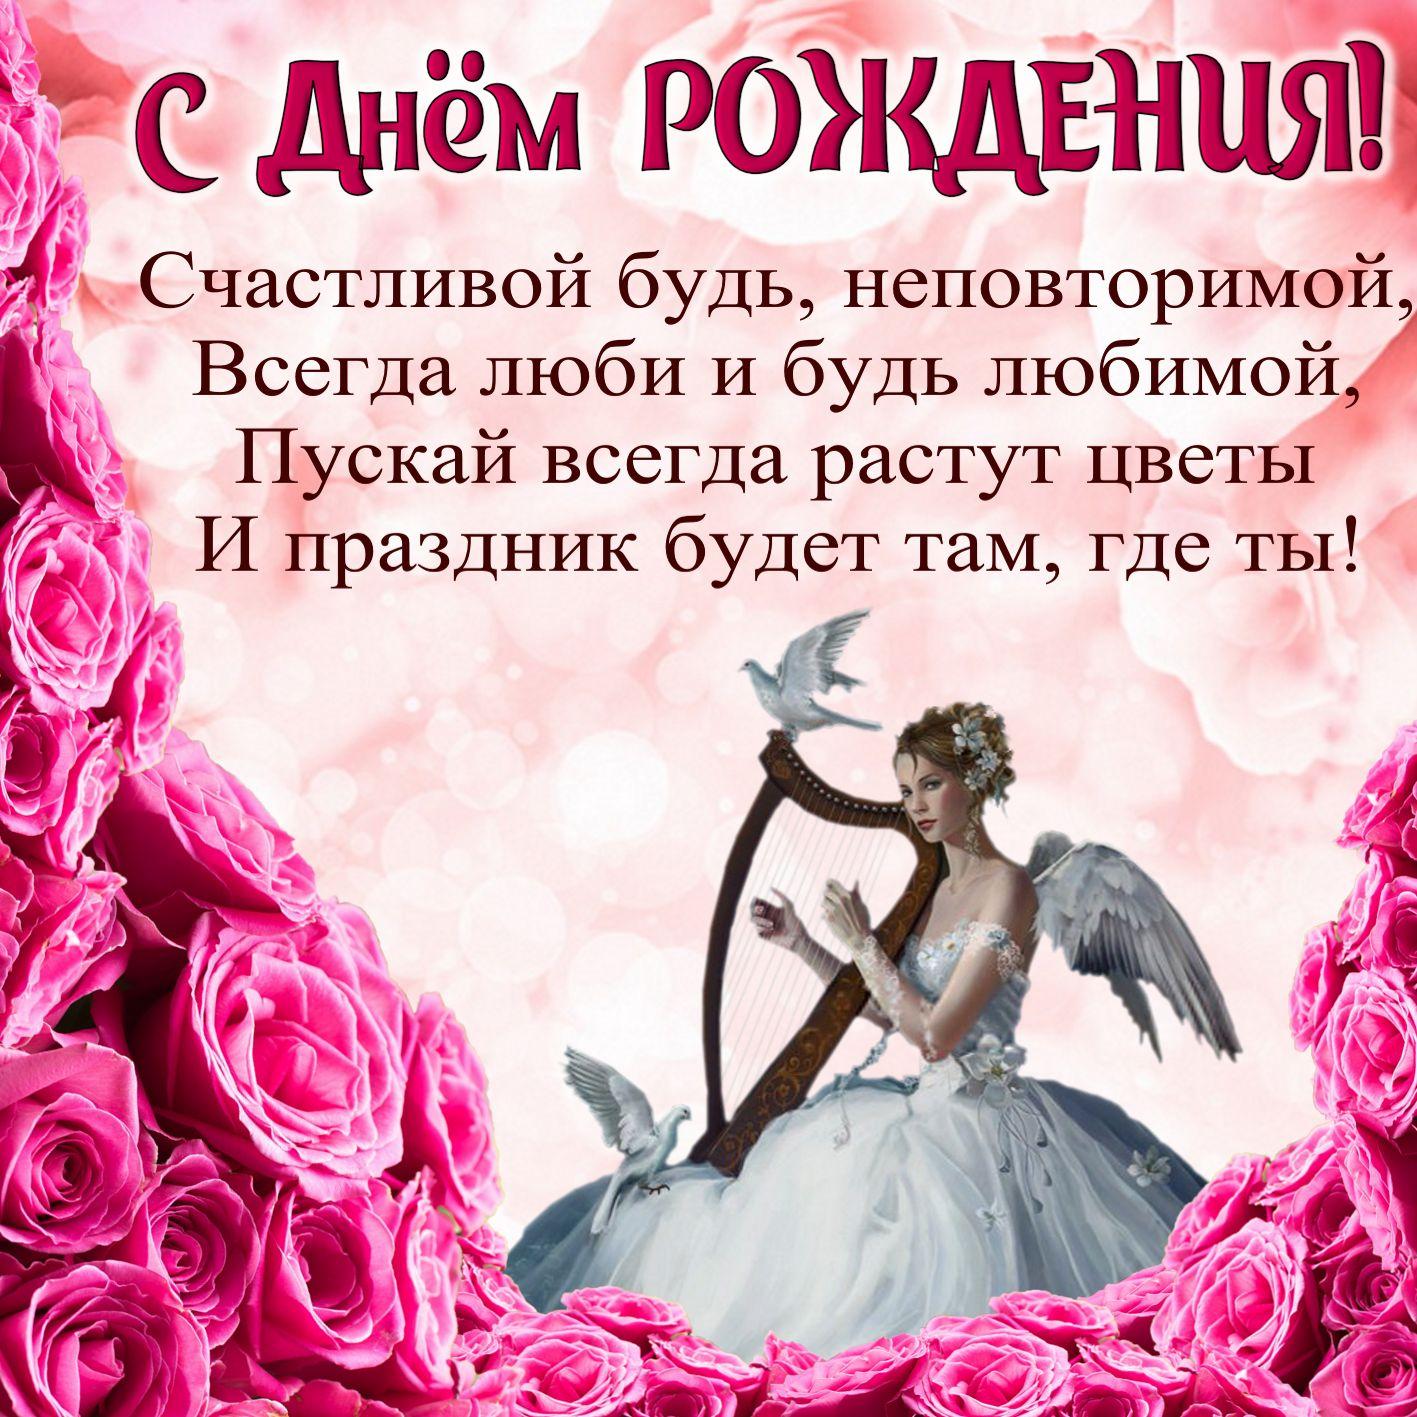 Открытка на День рождения - ангел с арфой в оформлении из роз